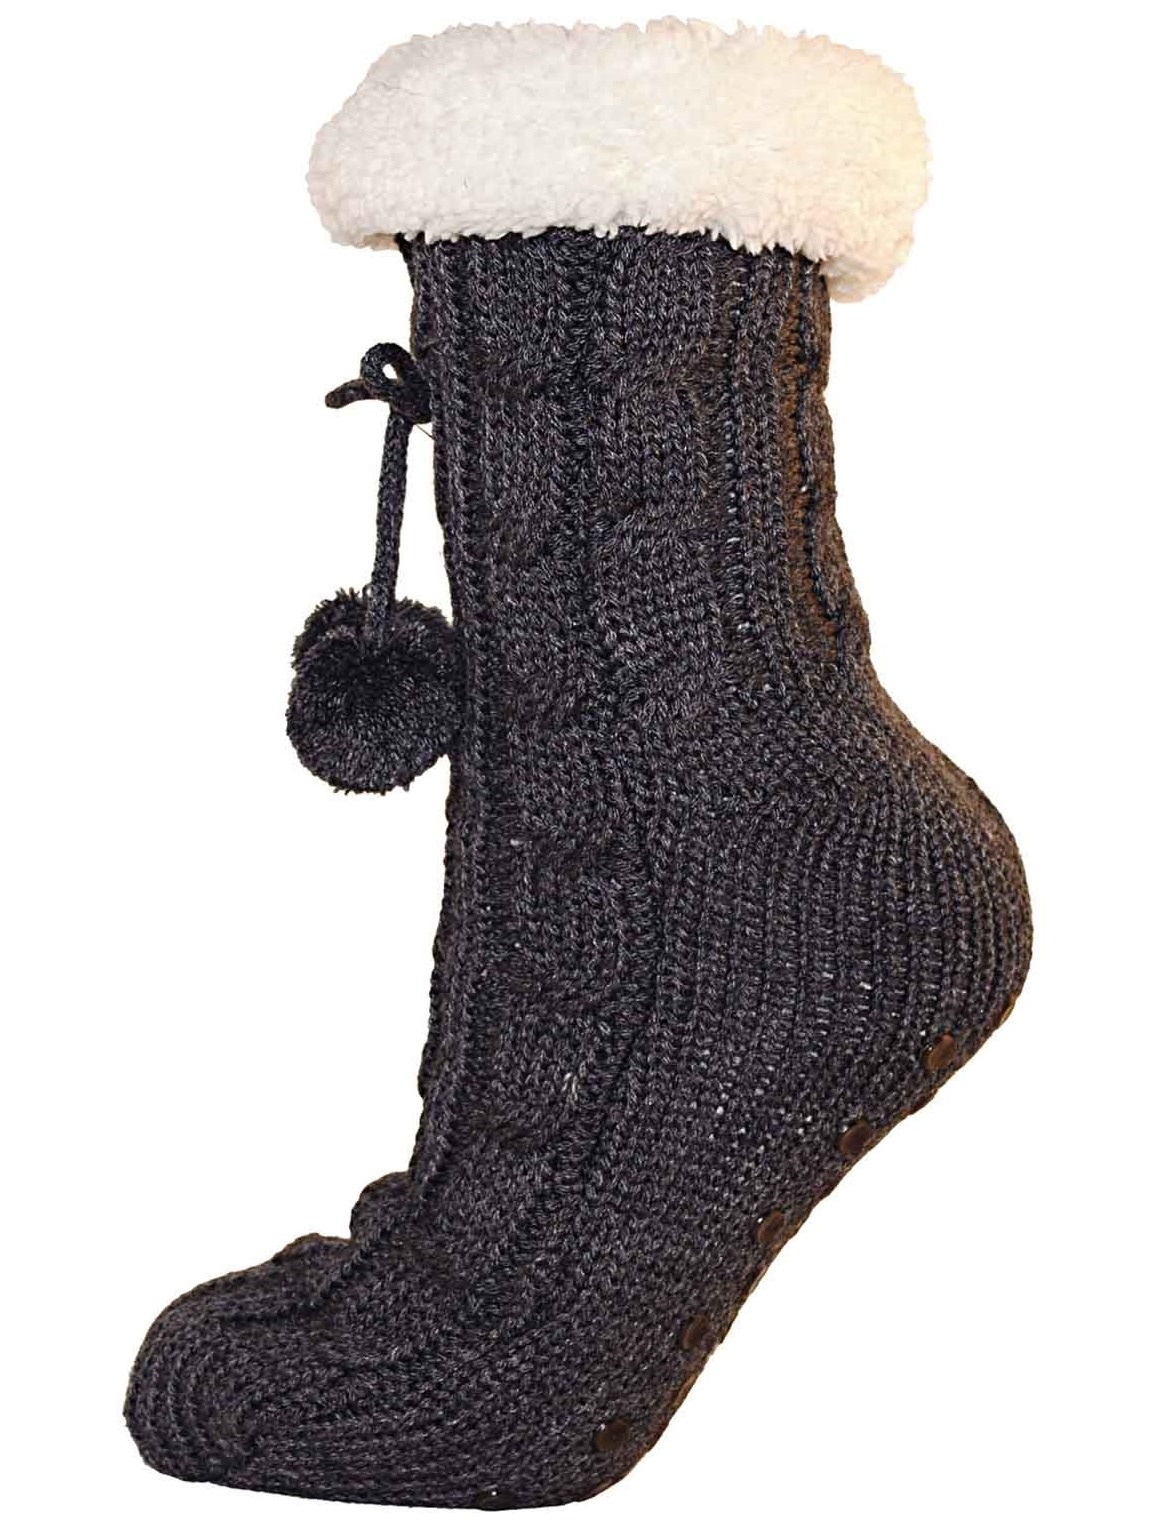 femme femmes filles doubl de fourrure chaussons chaussettes bottines chaussons pompons taille 4. Black Bedroom Furniture Sets. Home Design Ideas